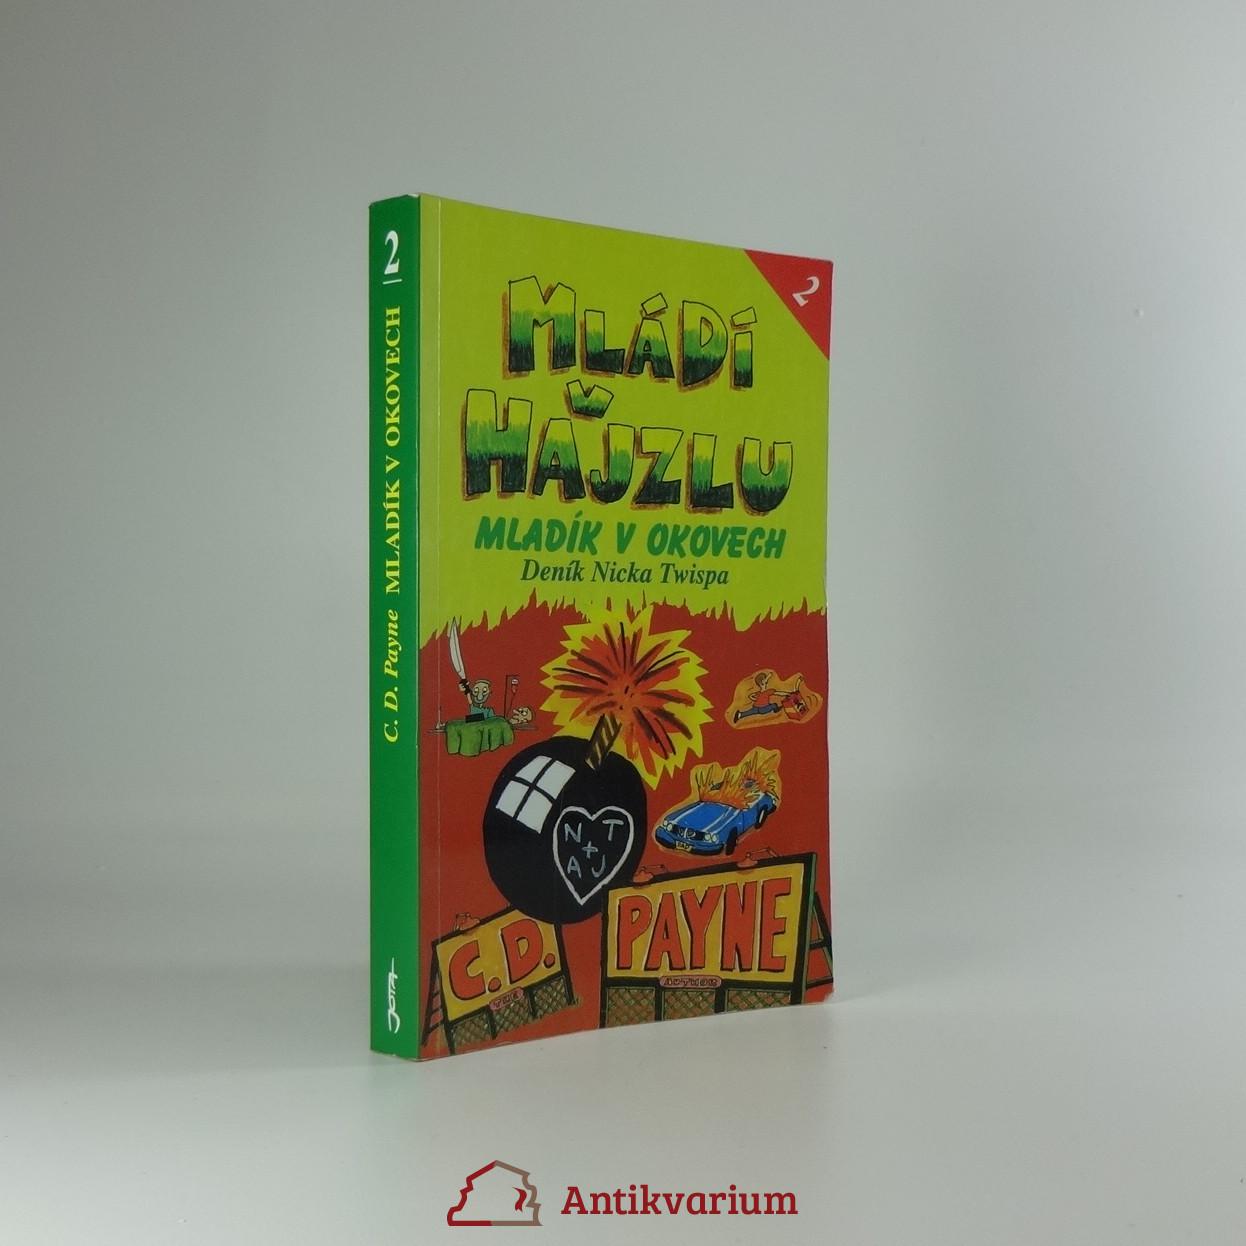 antikvární kniha Mládí v hajzlu : deník Nicka Twispa. Kniha druhá, Mladík v okovech, 2000